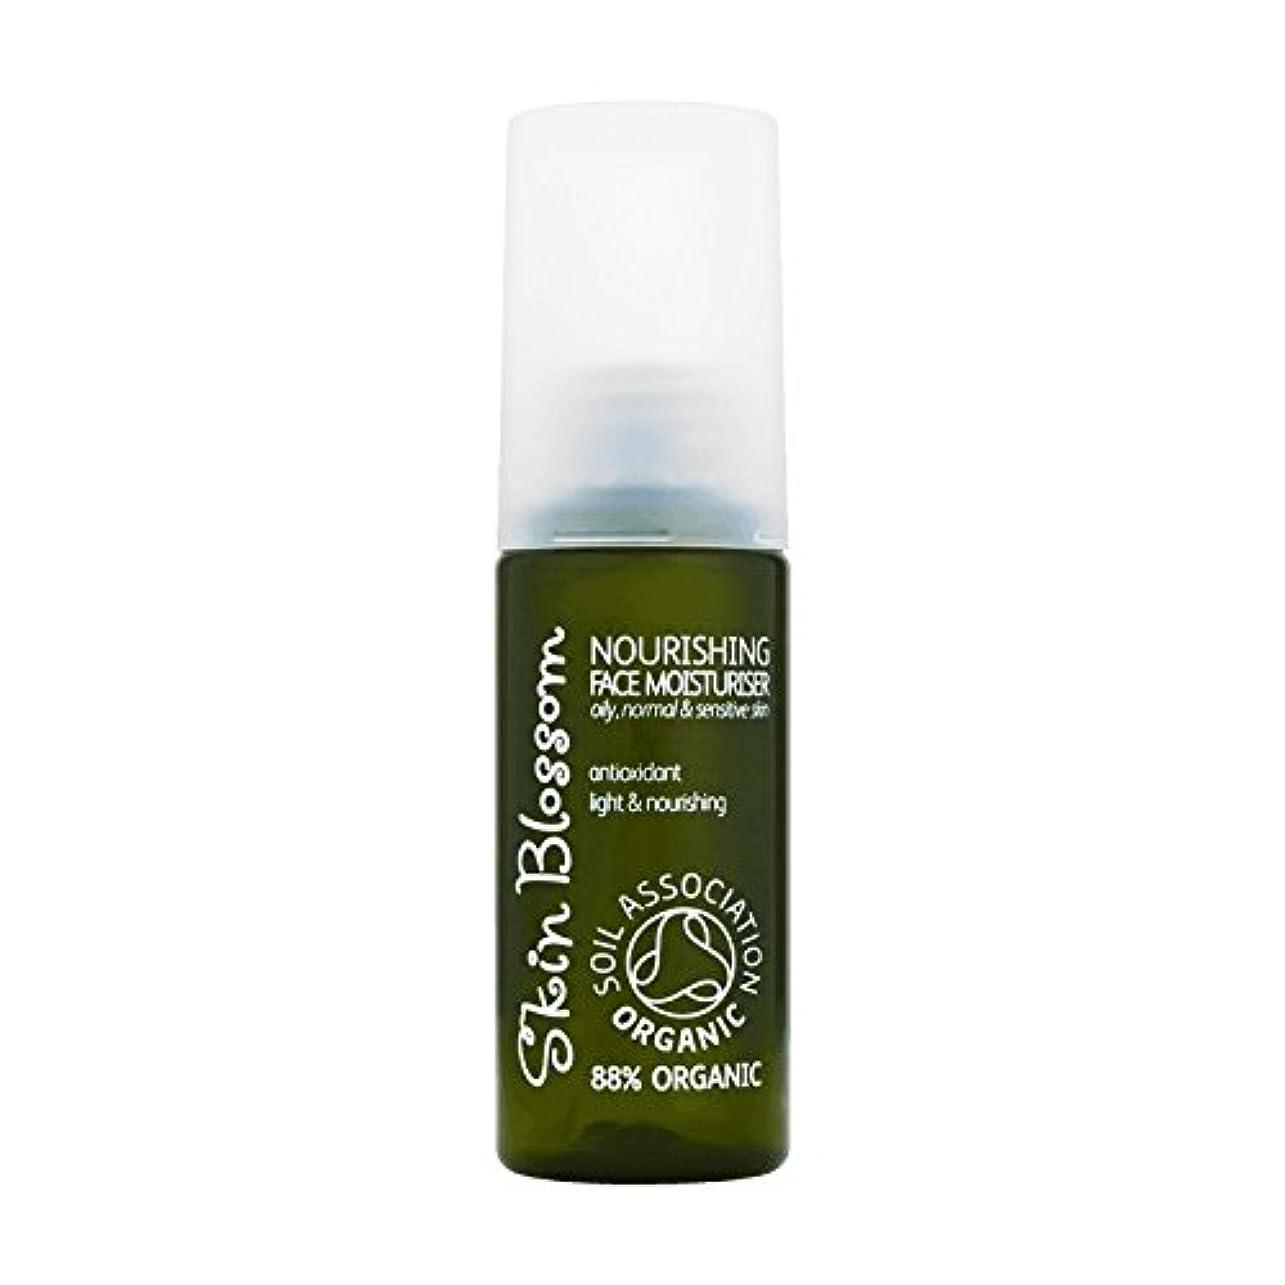 干し草正直コンピューターを使用する皮膚の花栄養顔の保湿クリーム50Ml - Skin Blossom Nourishing Face Moisturiser 50ml (Skin Blossom) [並行輸入品]